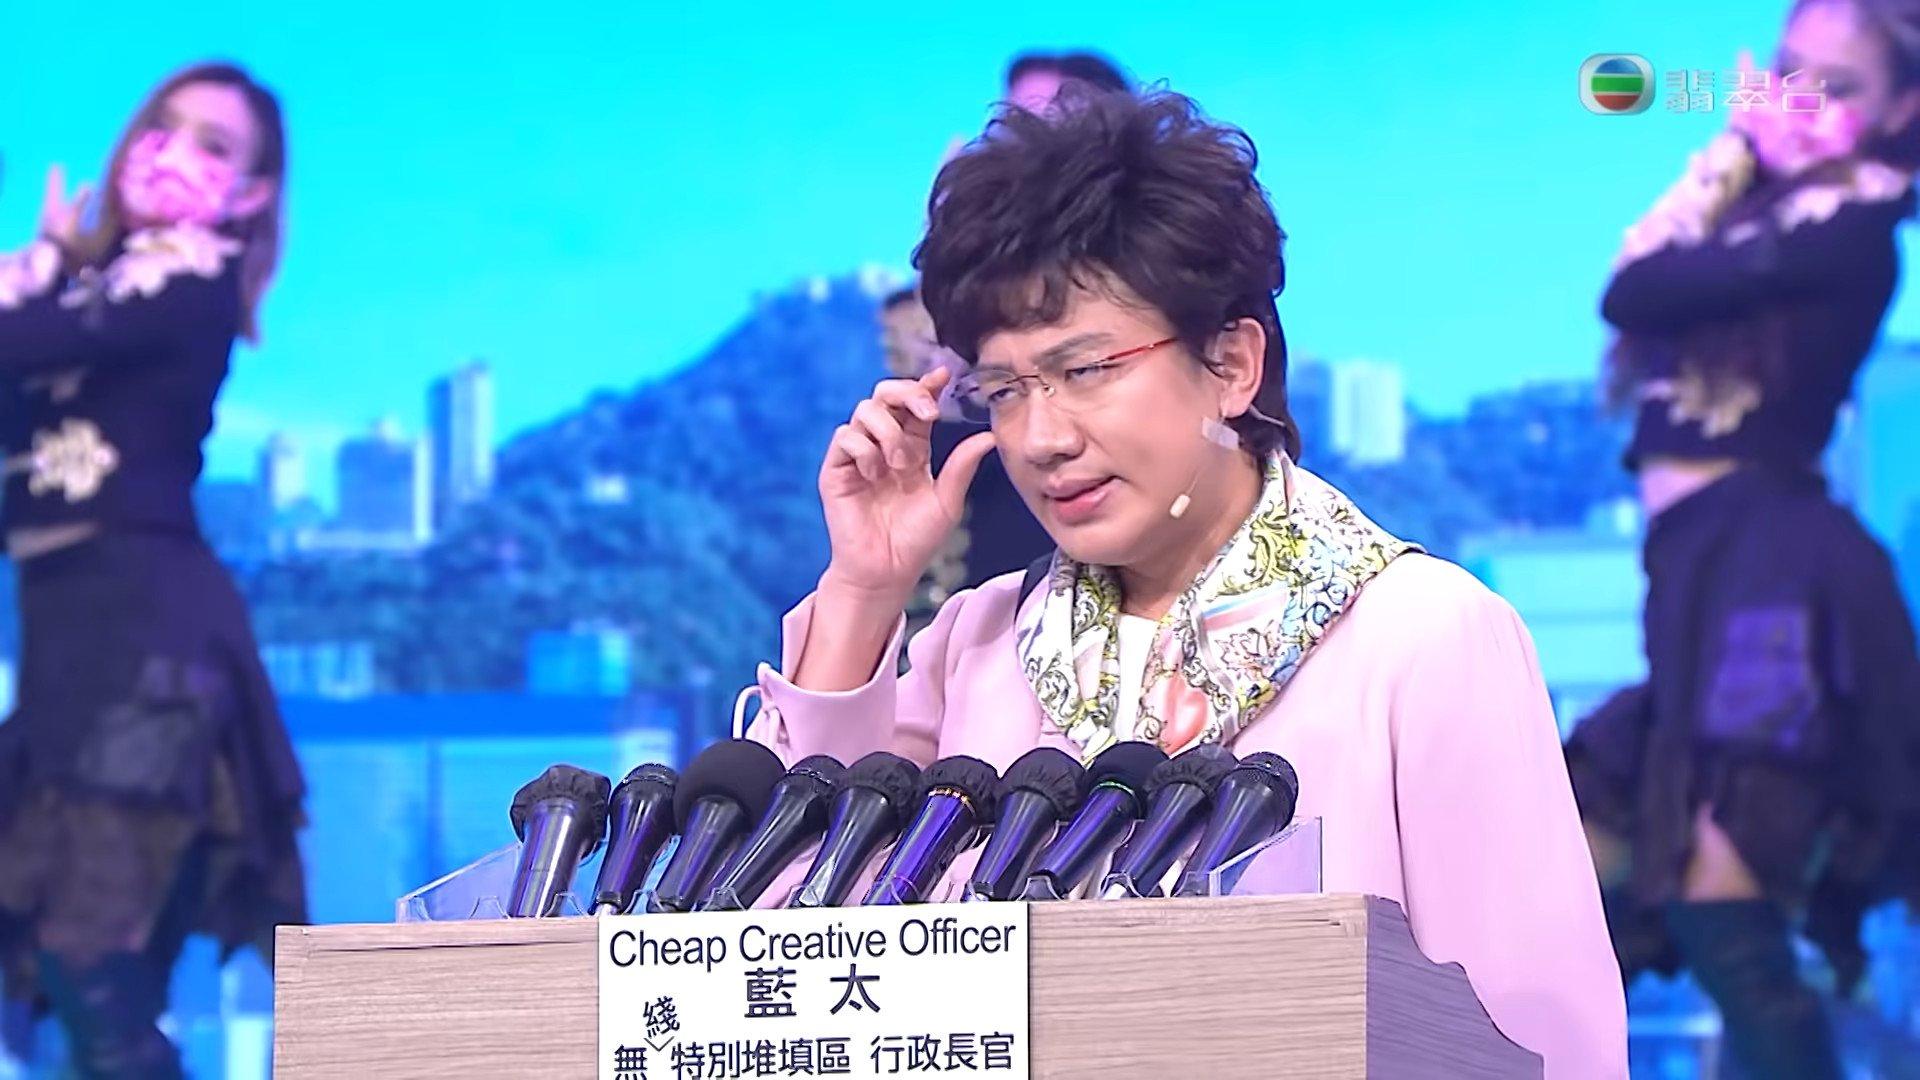 王祖藍在《開心大綜藝》惡搞林鄭月娥,通訊局表示截至昨日(14日)合共收到約250宗投訴。(TVB 影片截圖)